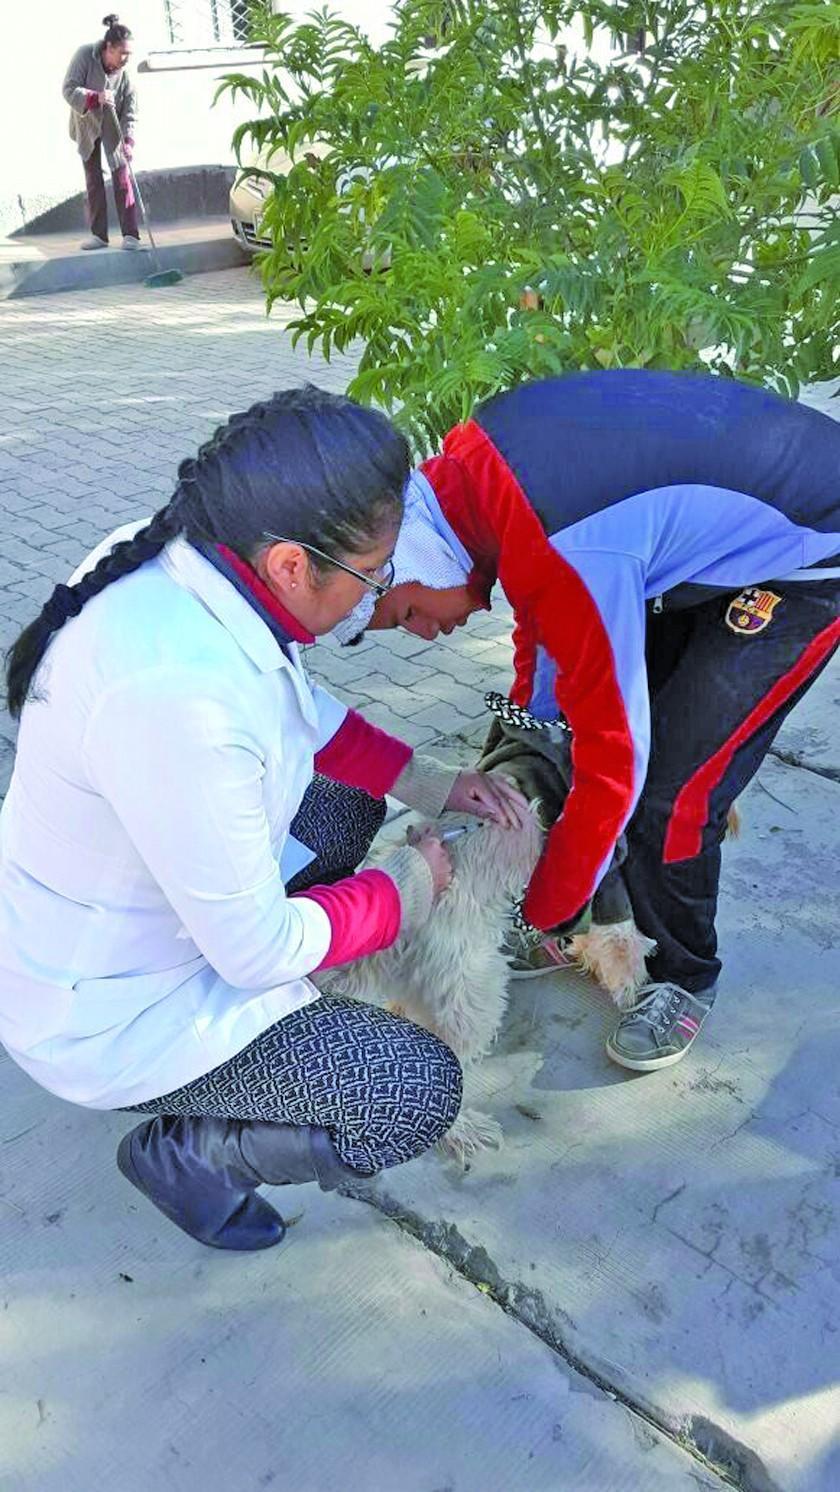 Casos de rabia canina en la ciudad ya son 27 y supera los seis de 2017